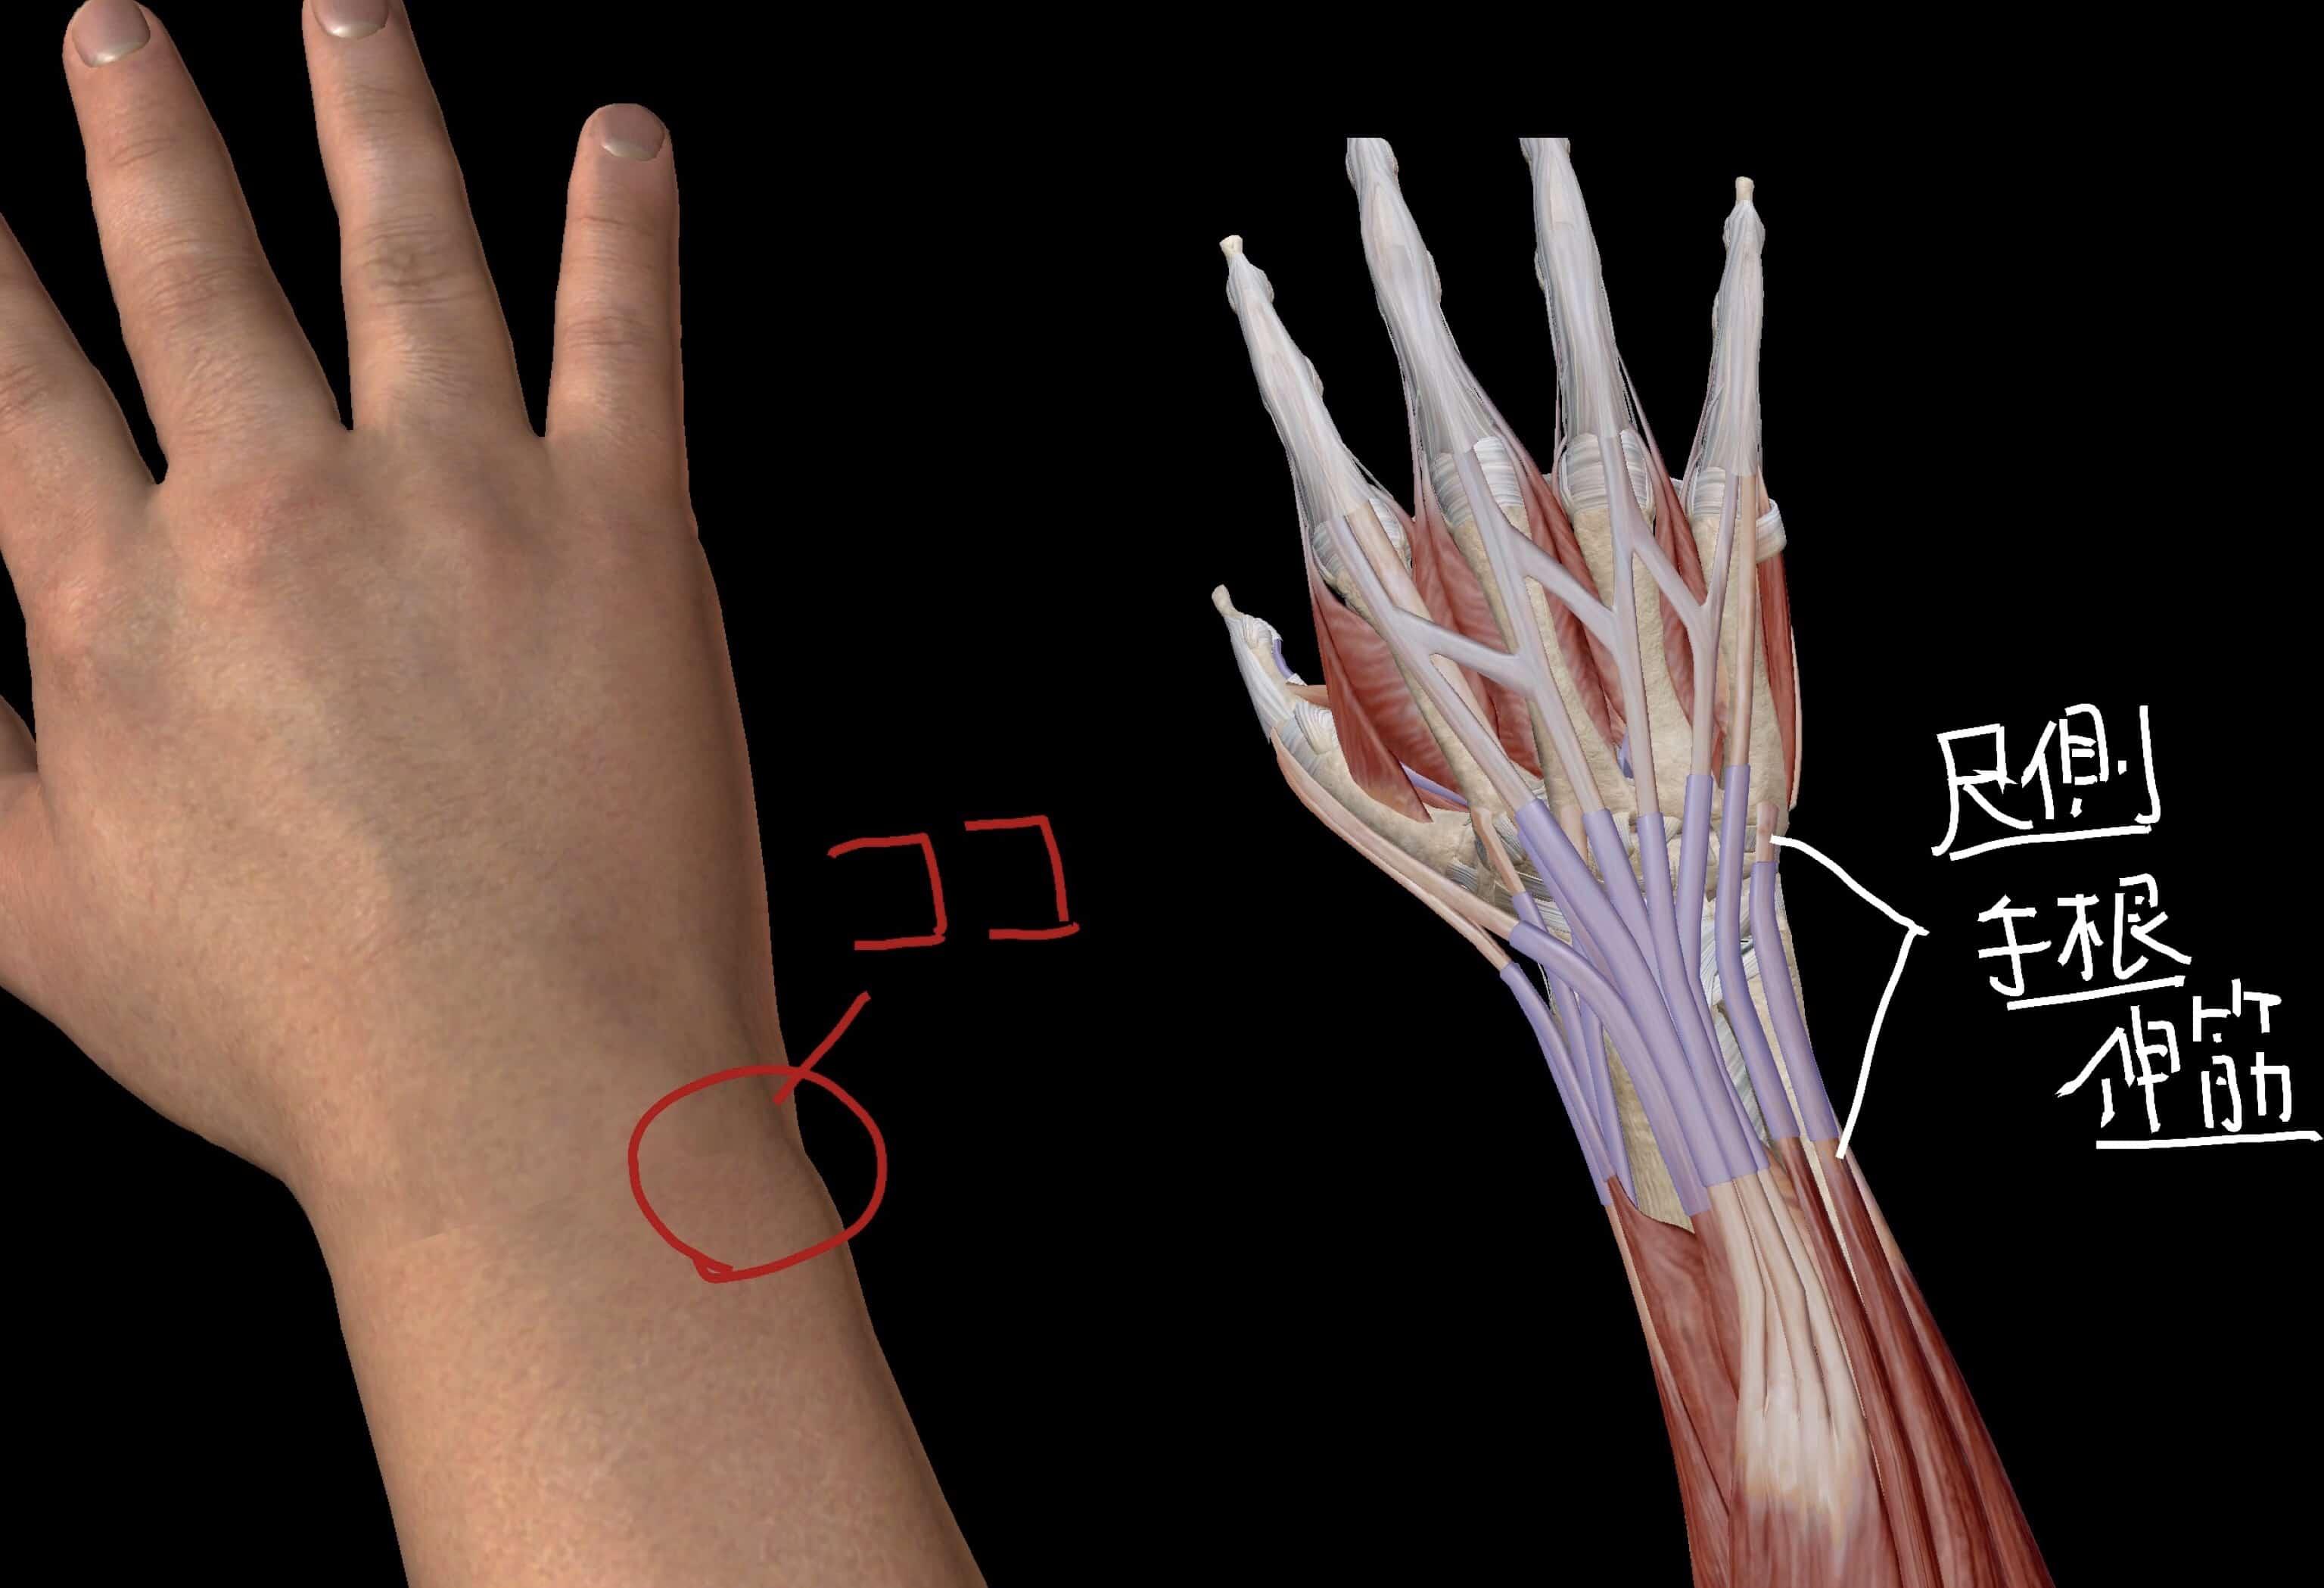 痛みを感じる部分の体表図と筋肉の図